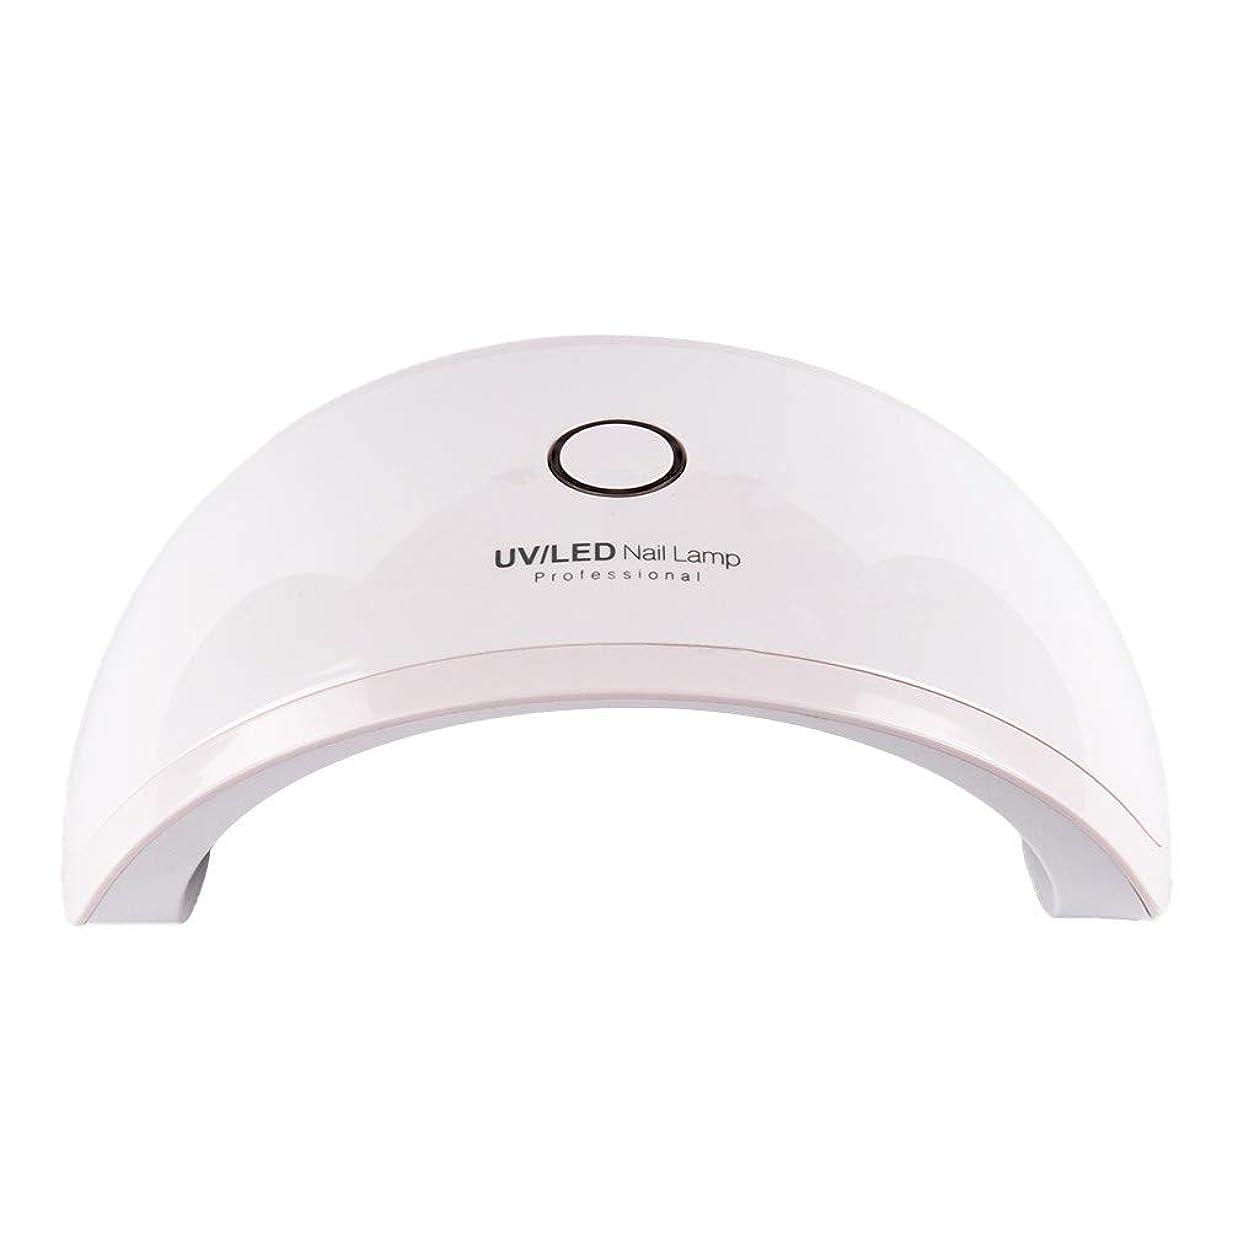 相互接続チロ寄稿者Farantasyネイルドライヤー LED UV 10W ネイルドライヤー硬化ゲルポリッシュランプライト硬化マニキュアマシンネイルLED 硬化 UVライト 高速硬化ジェルネイルライト赤外線検知 自動センサー タイマー設定 レジン UVライトネイルポリッシュ用 レジンクラフト シェラック、ジェリー、ハードジェル、ネイルポリッシュジェル、スカルプチャージェル、ジェムグルーなど